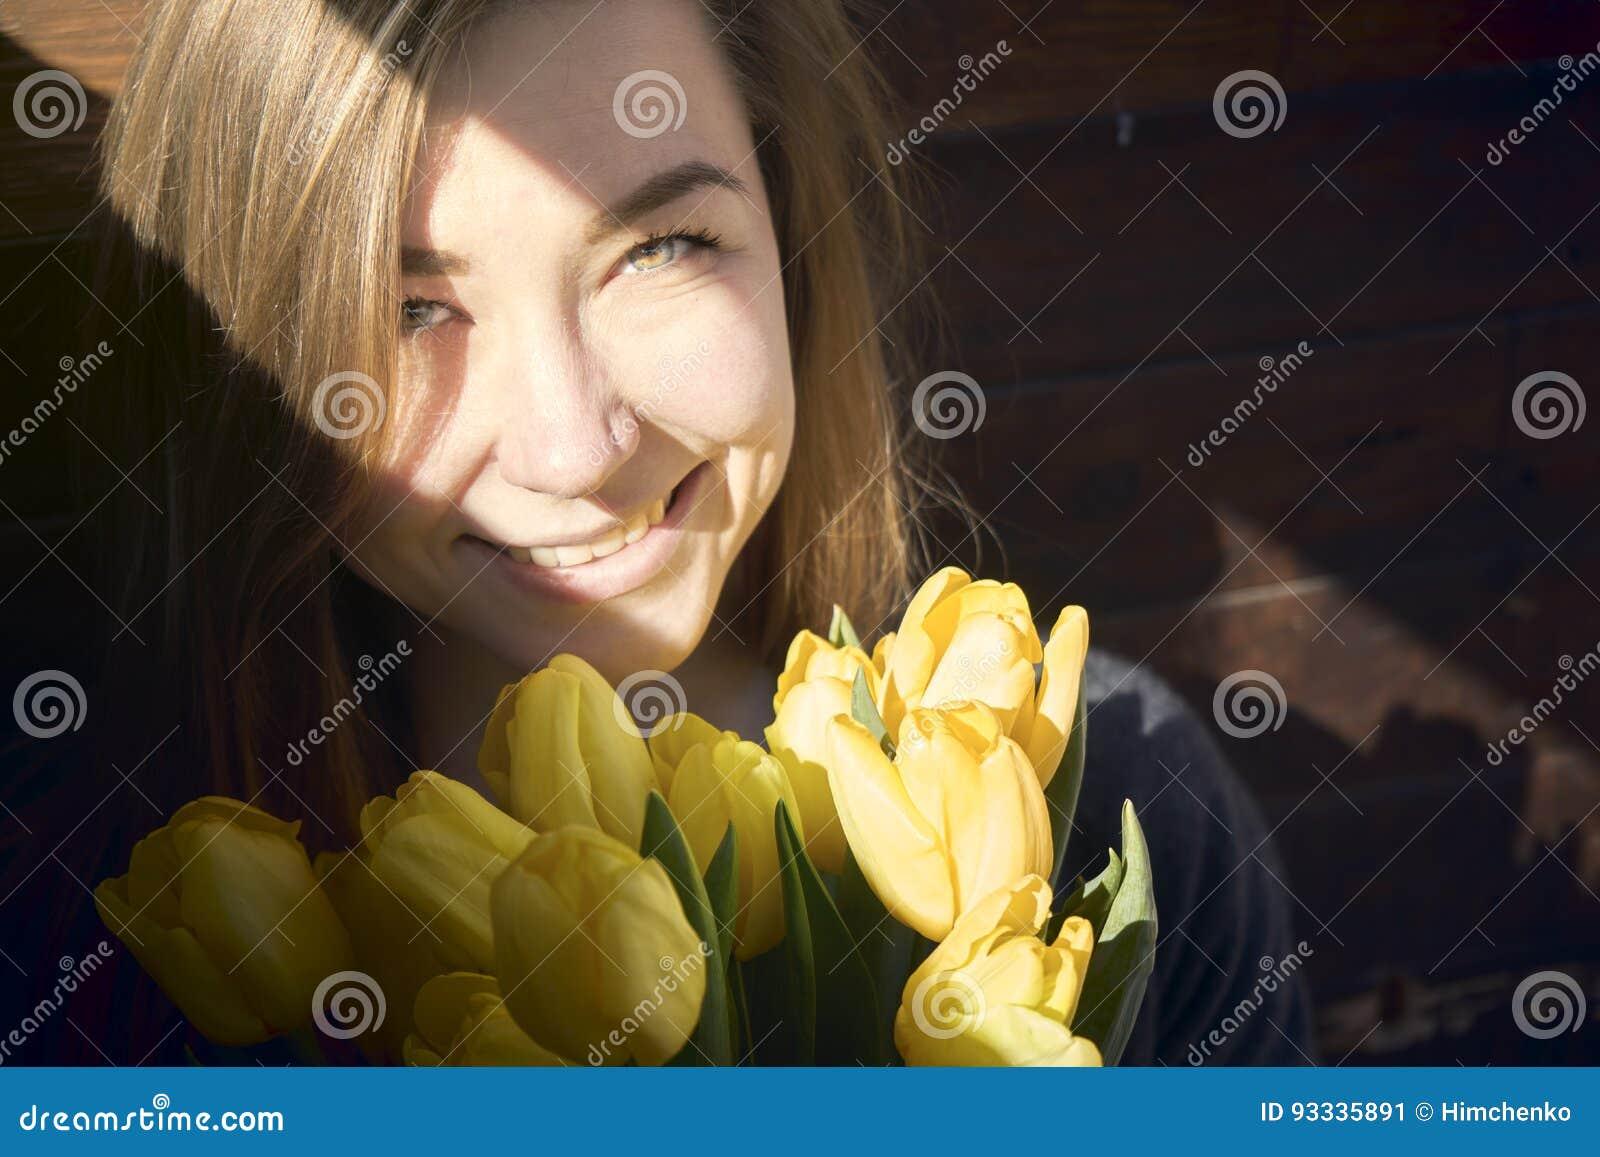 Frau mit Blumen in einer Dunkelkammer